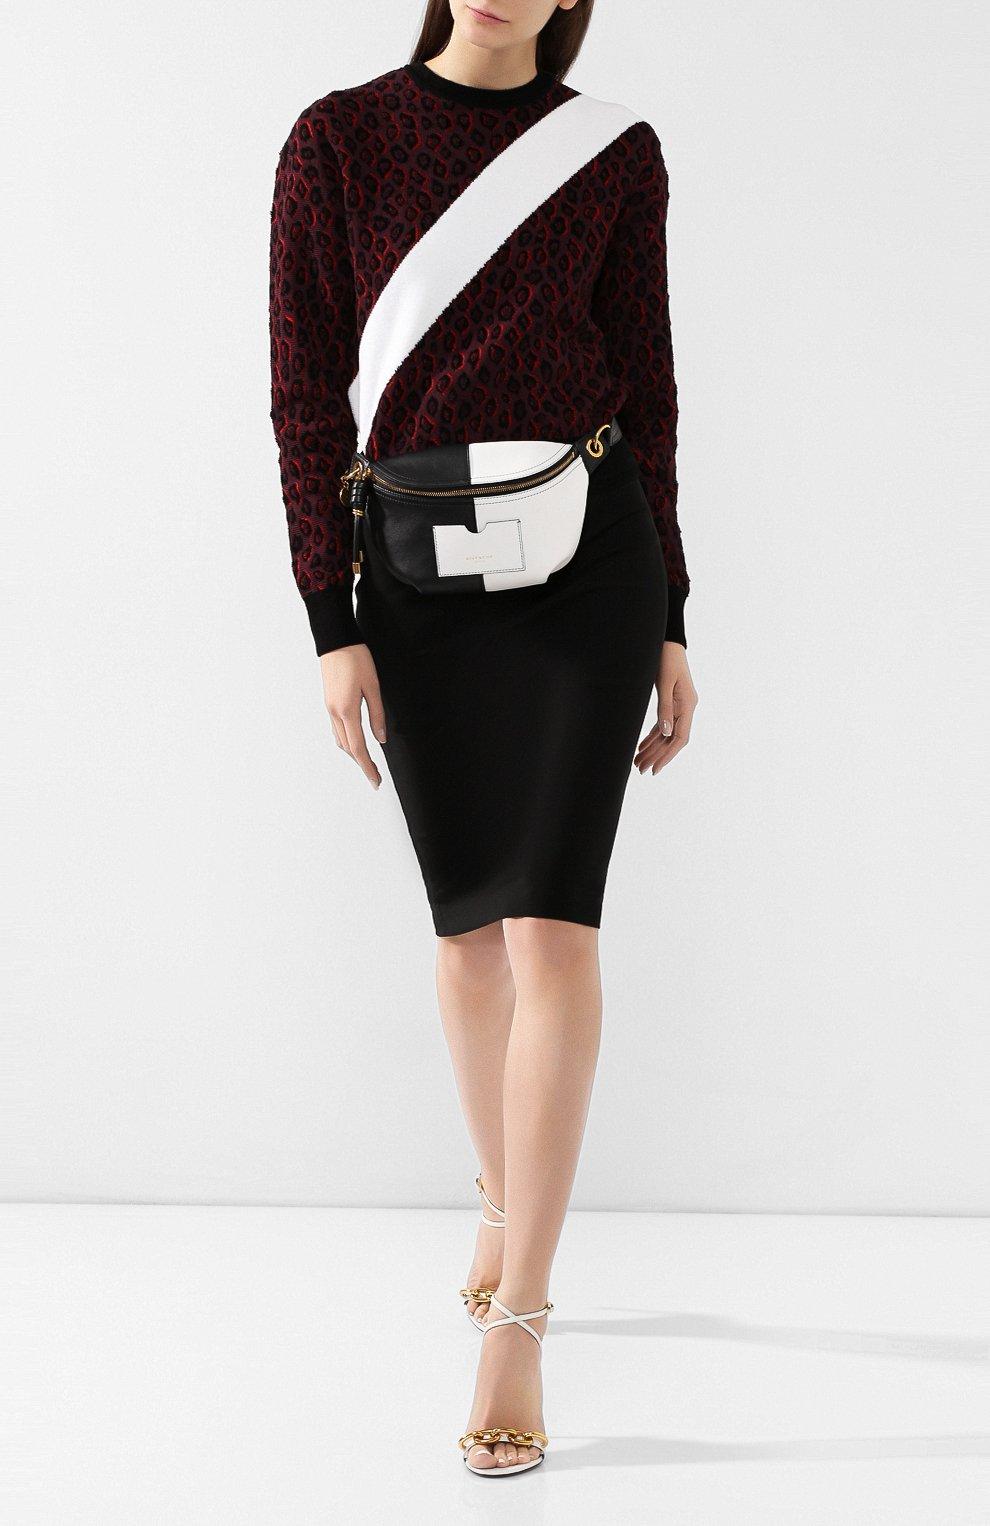 Поясная сумка Whip Givenchy черно-белая   Фото №2